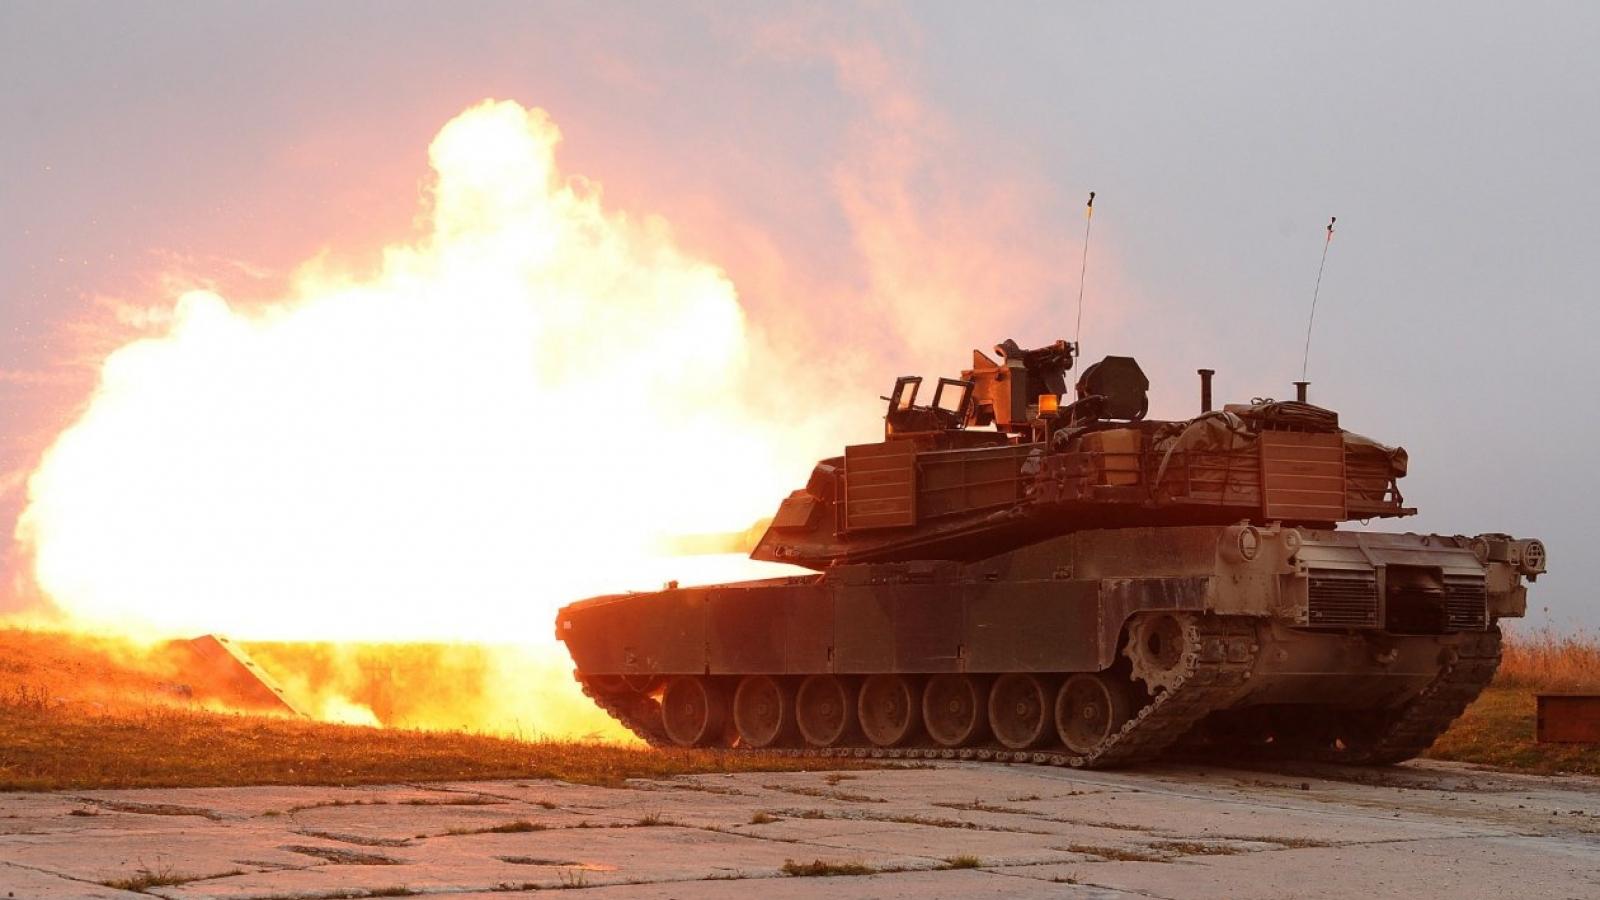 Mỹ tăng cường quân sự ở Đông Âu nhằm đối đầu với Nga